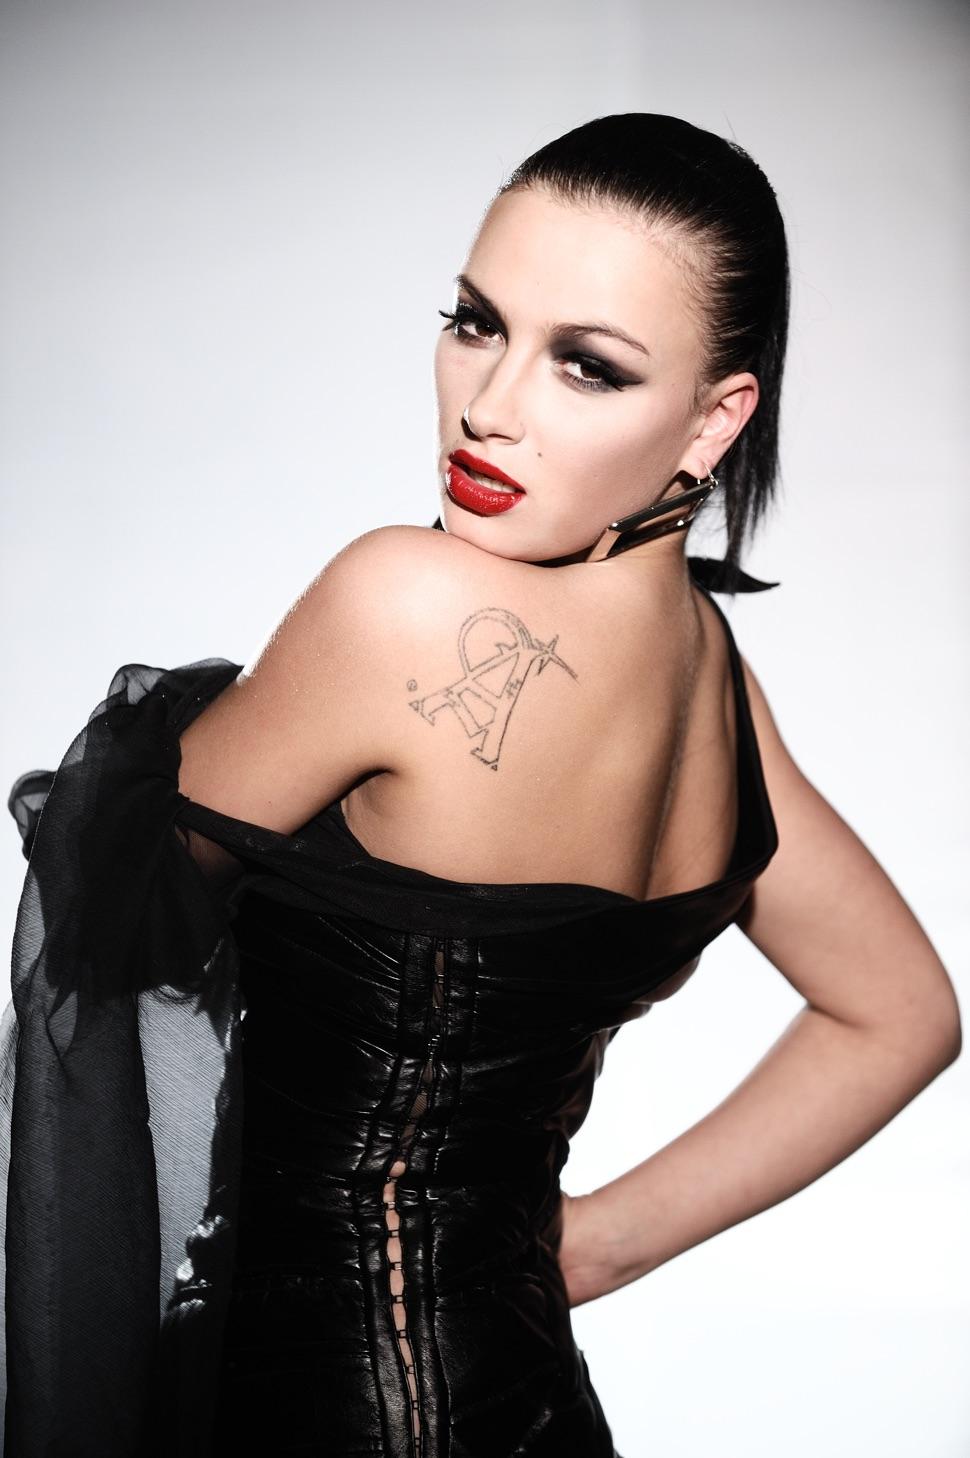 Anastasia Prikhodko im schwarzen schulterfreien Kleid